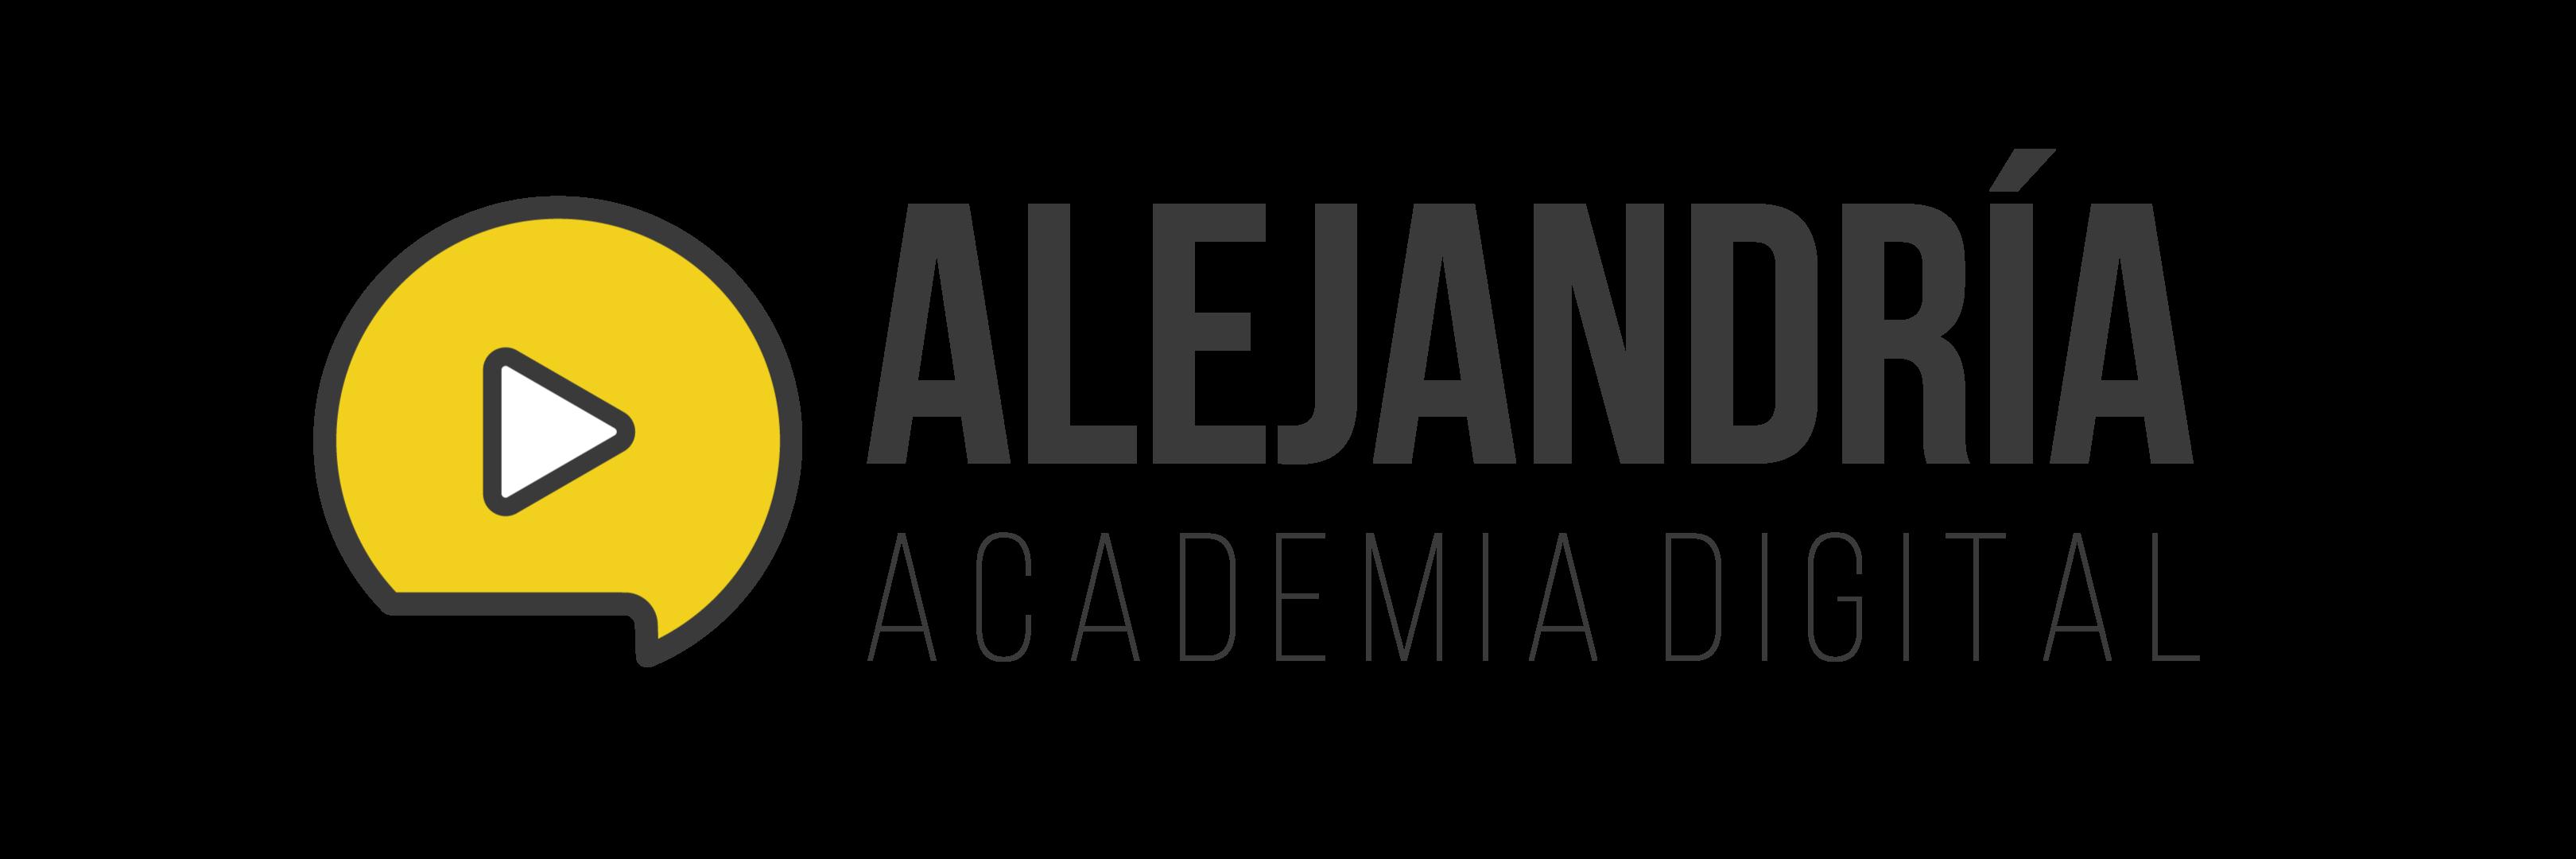 Alejandria